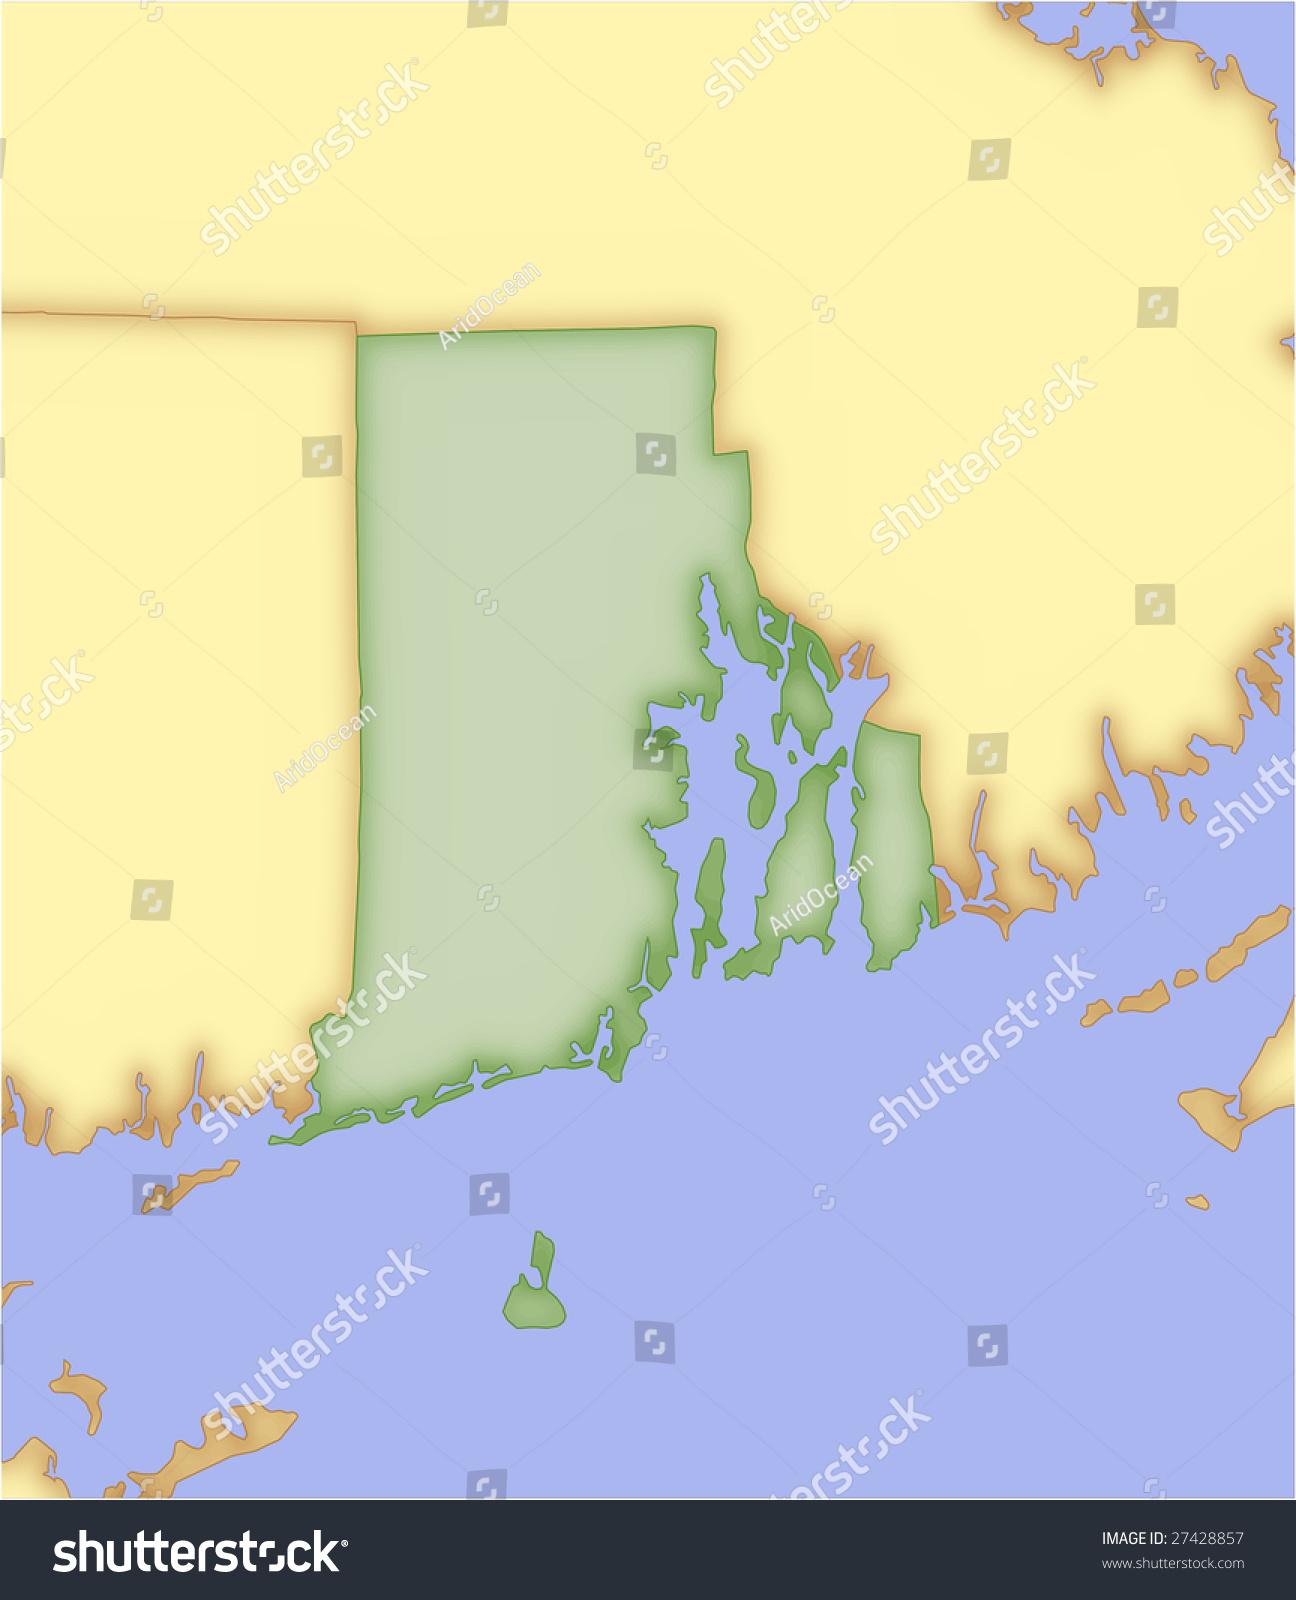 Rhode Island Vector Map Borders Surrounding Stock Vector